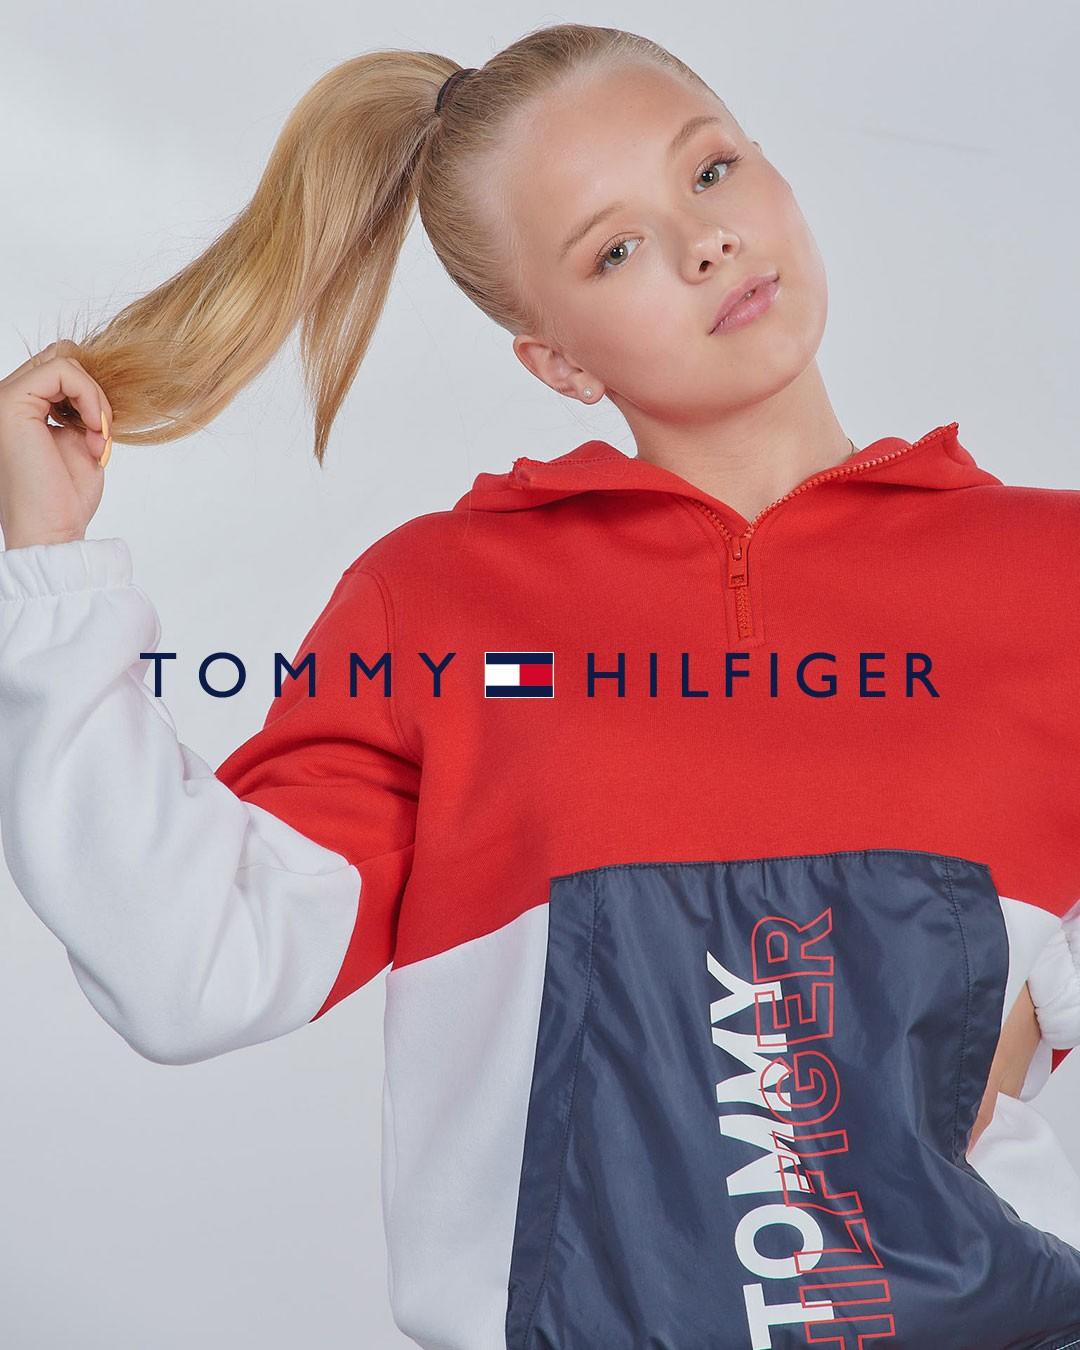 TOMMY HILFIGER - FW19